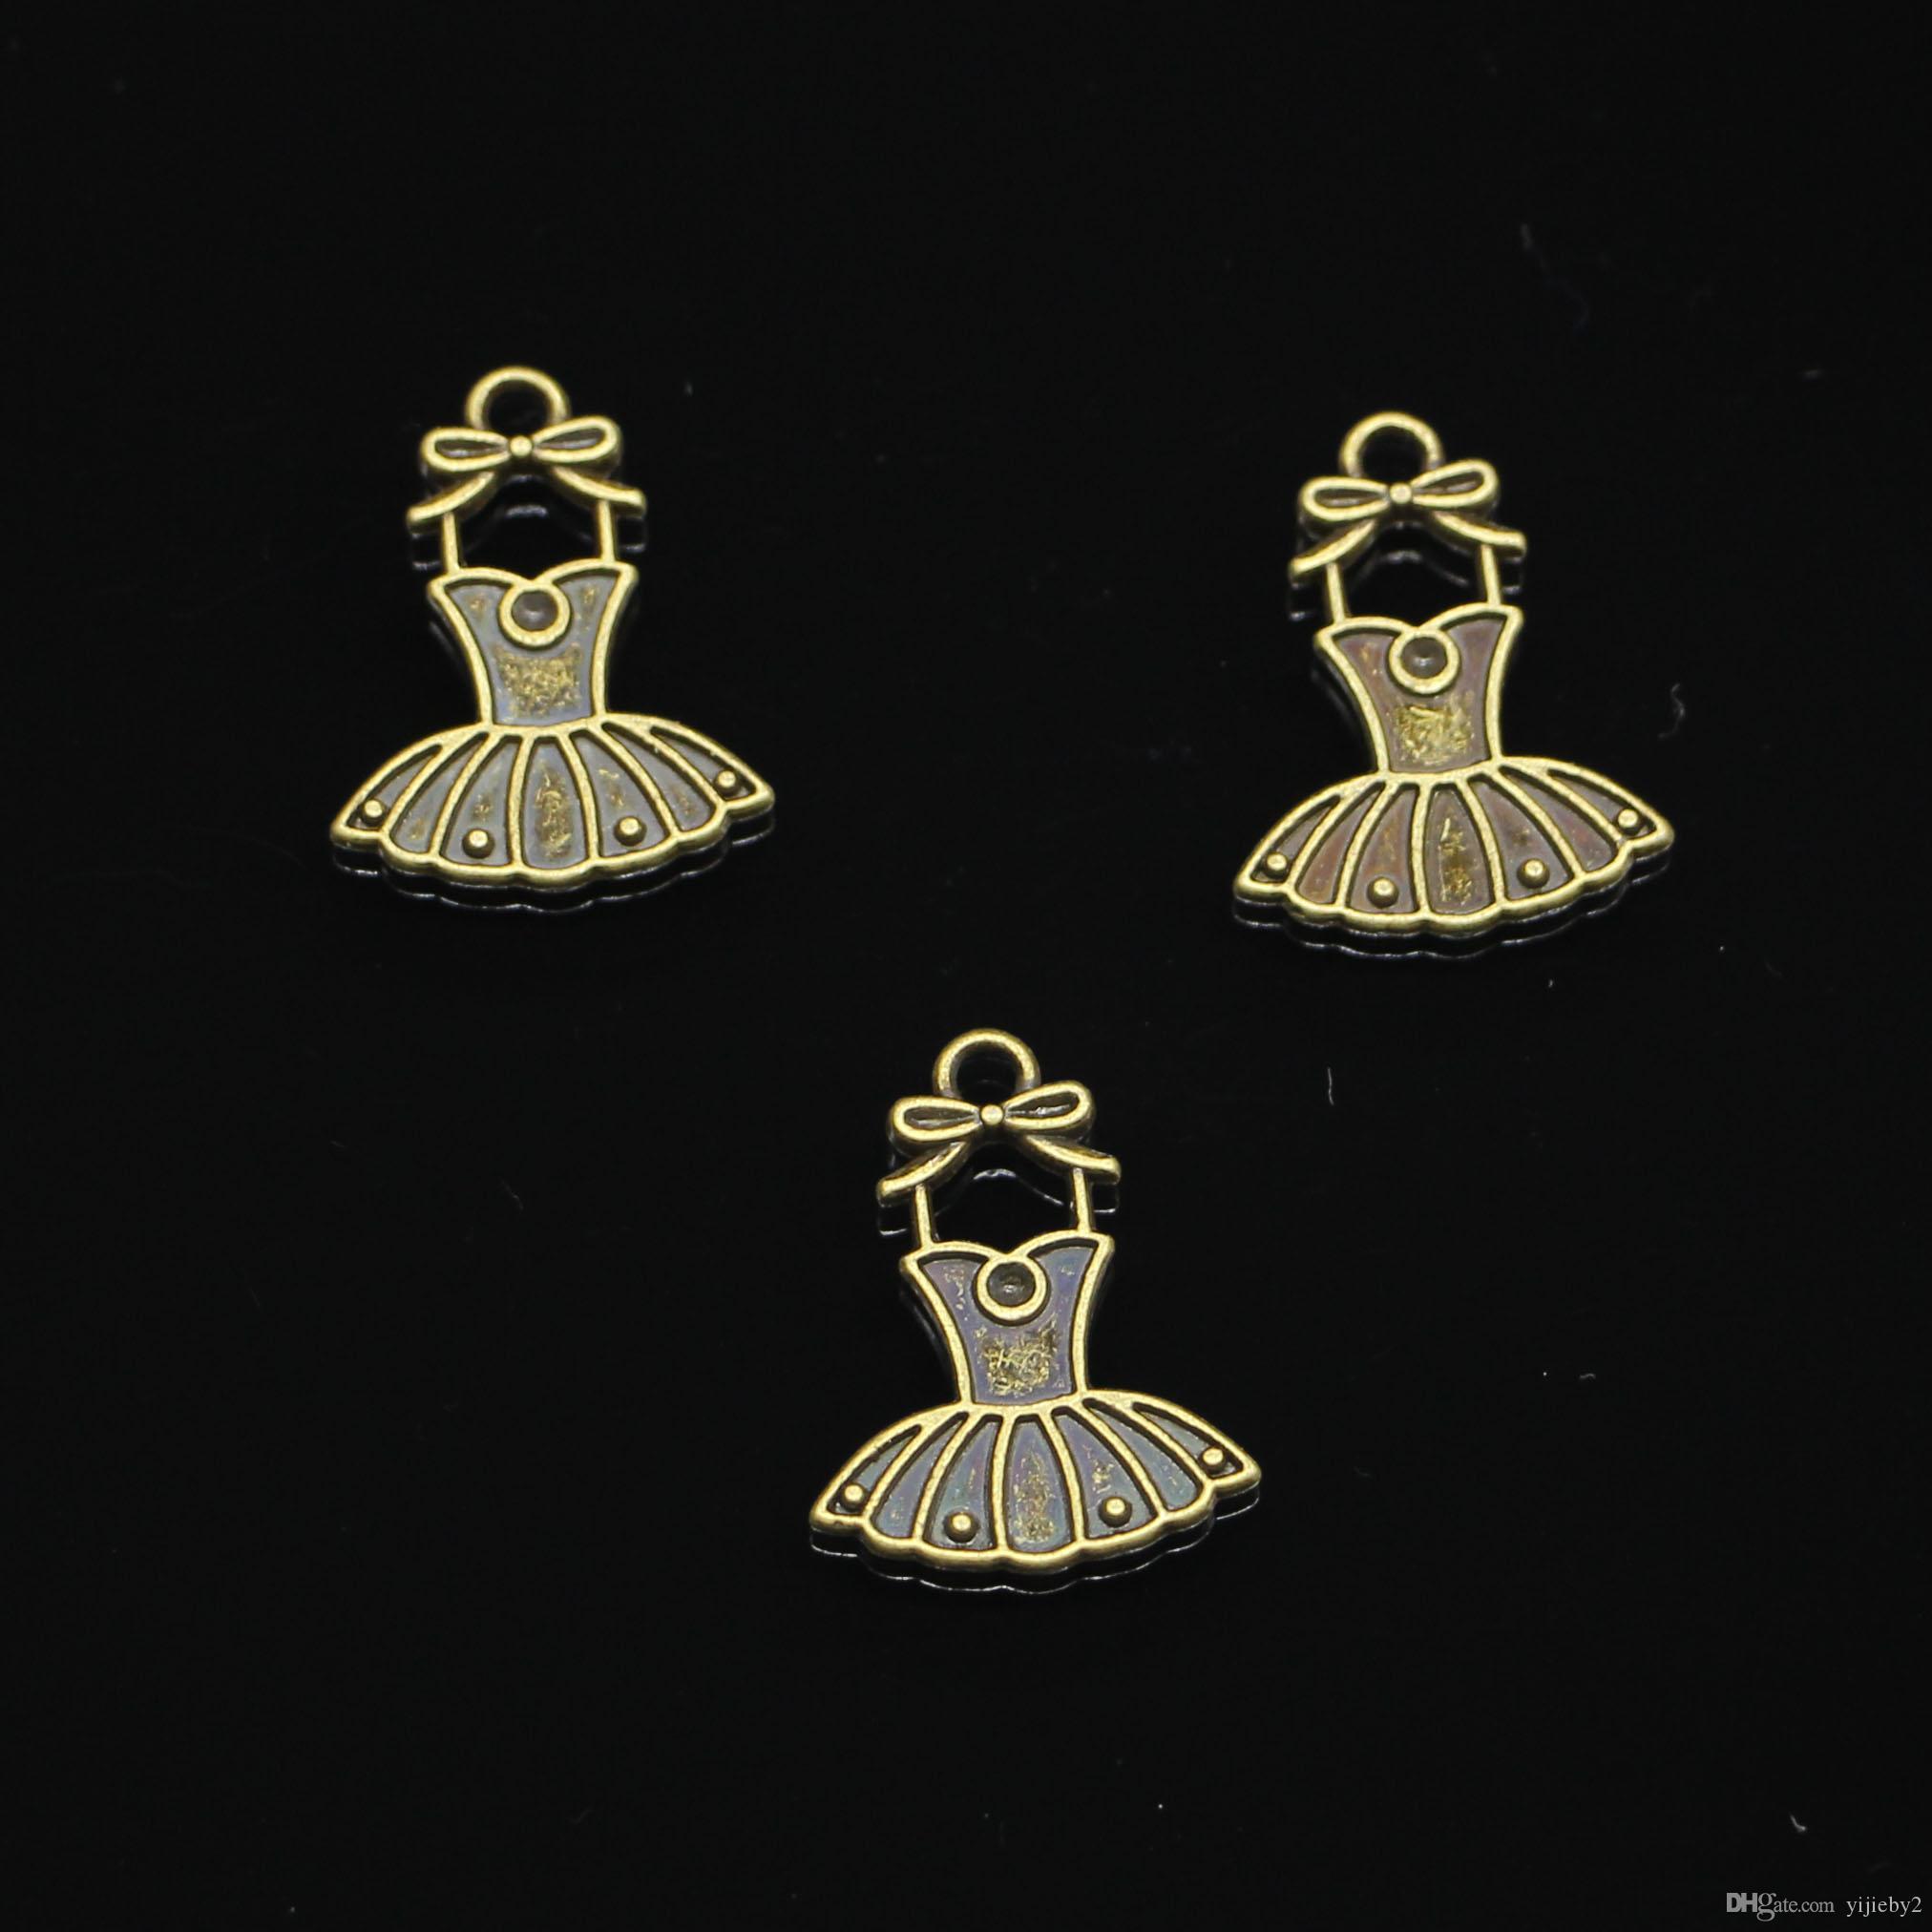 182pcs очаровывает балетная пачка платье балерины юбки Античная бронзовая покрытием Подвески Fit Изготовление ювелирных изделий вспомогательного оборудования заключений 20 * 16мм